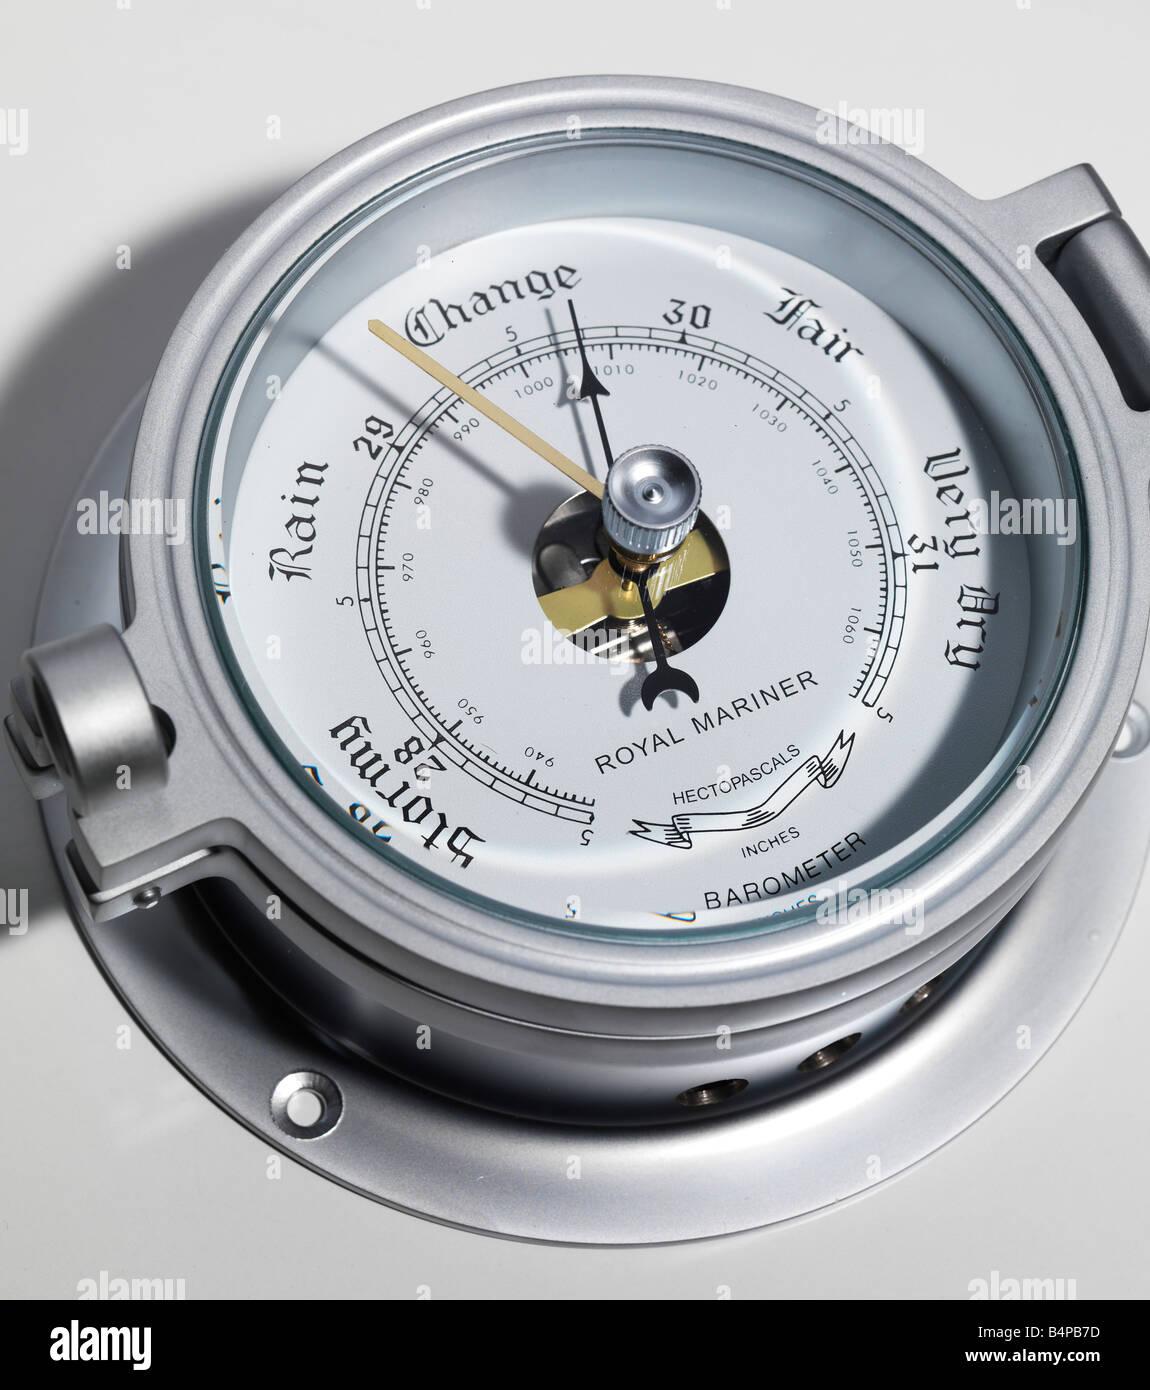 Barometer, Anzeigearm, Zeiger Nadel Druck stimmungsvolle, atmosphärische prognostiziert, Prevision, Wettervorhersage Stockbild